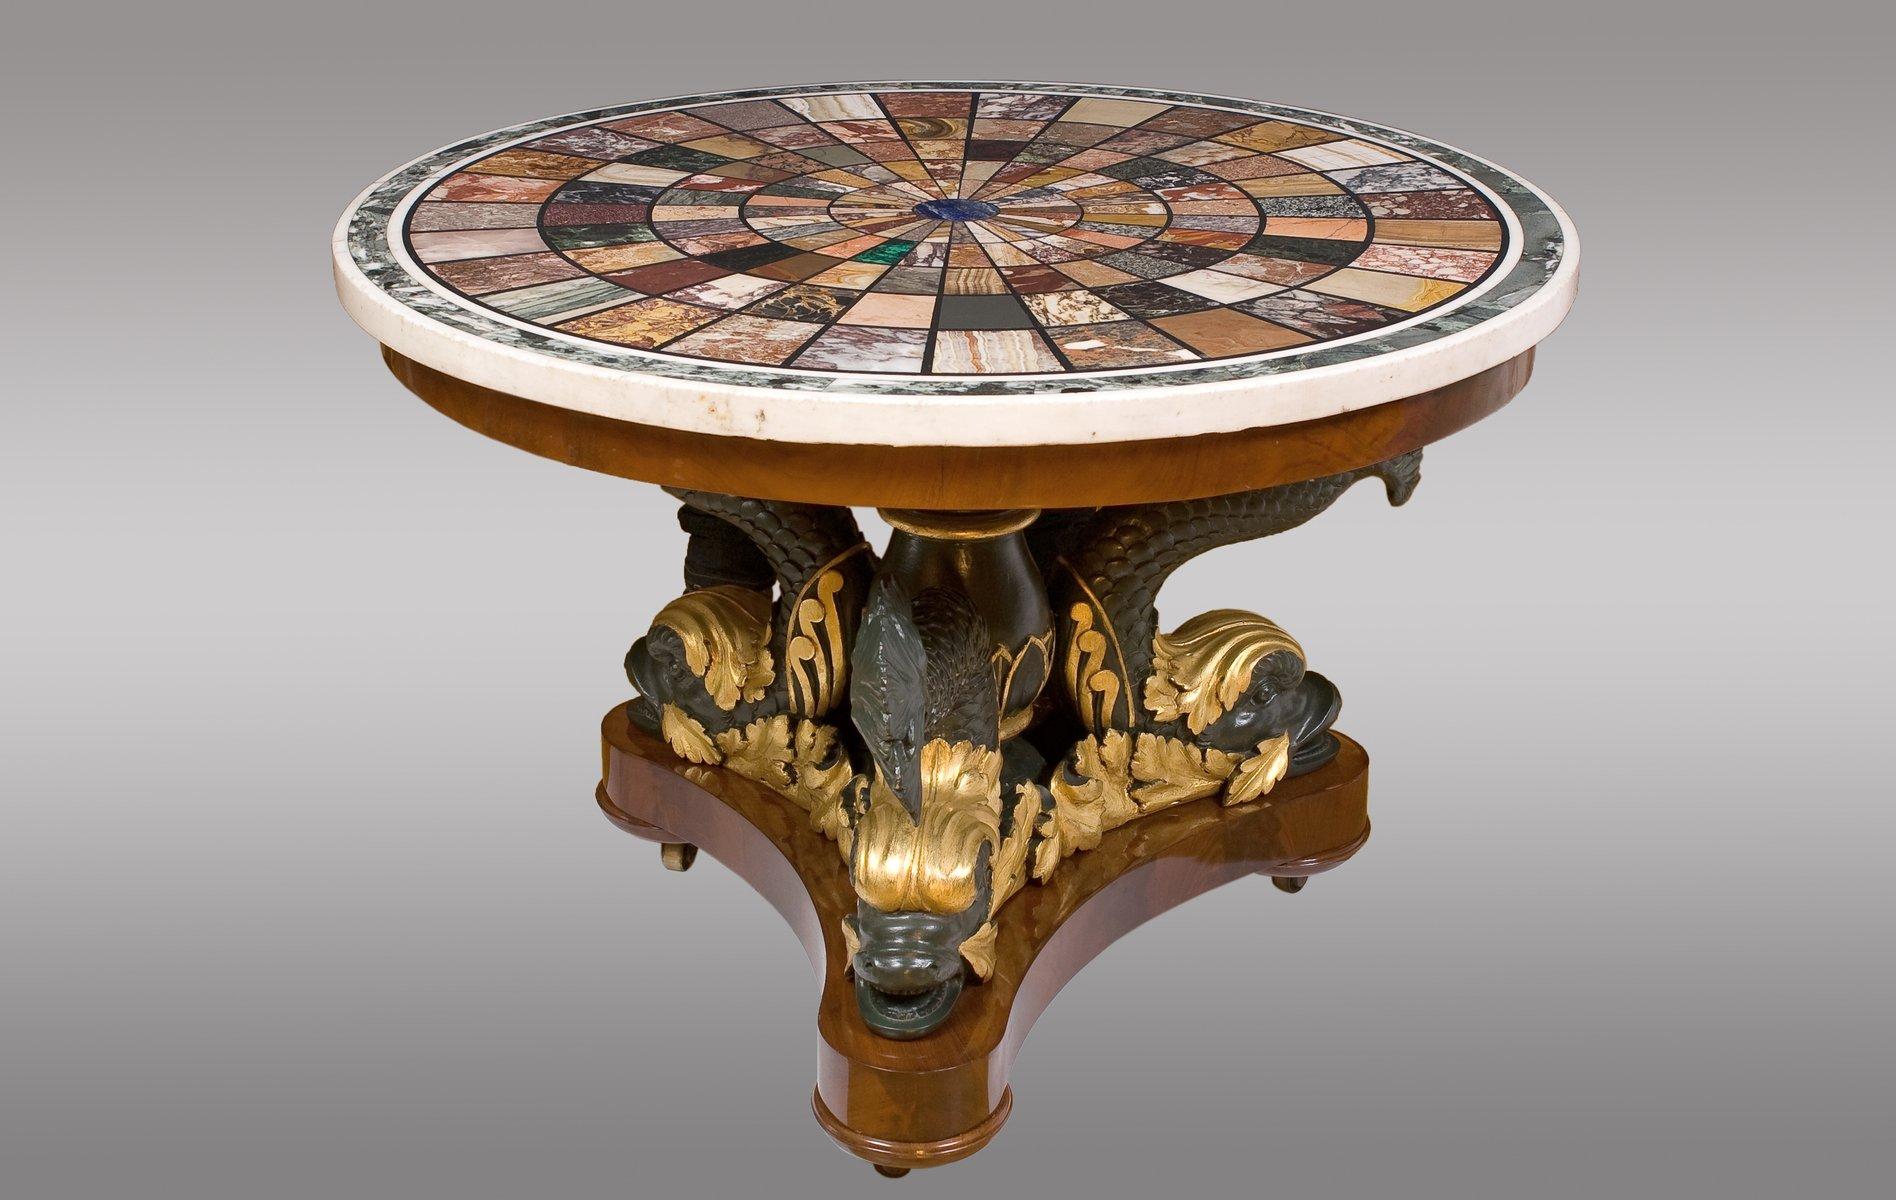 Table d 39 appoint en acajou et bois dor sculpt par fratelli blasi 1827 en vente sur pamono - Table d appoint dore ...